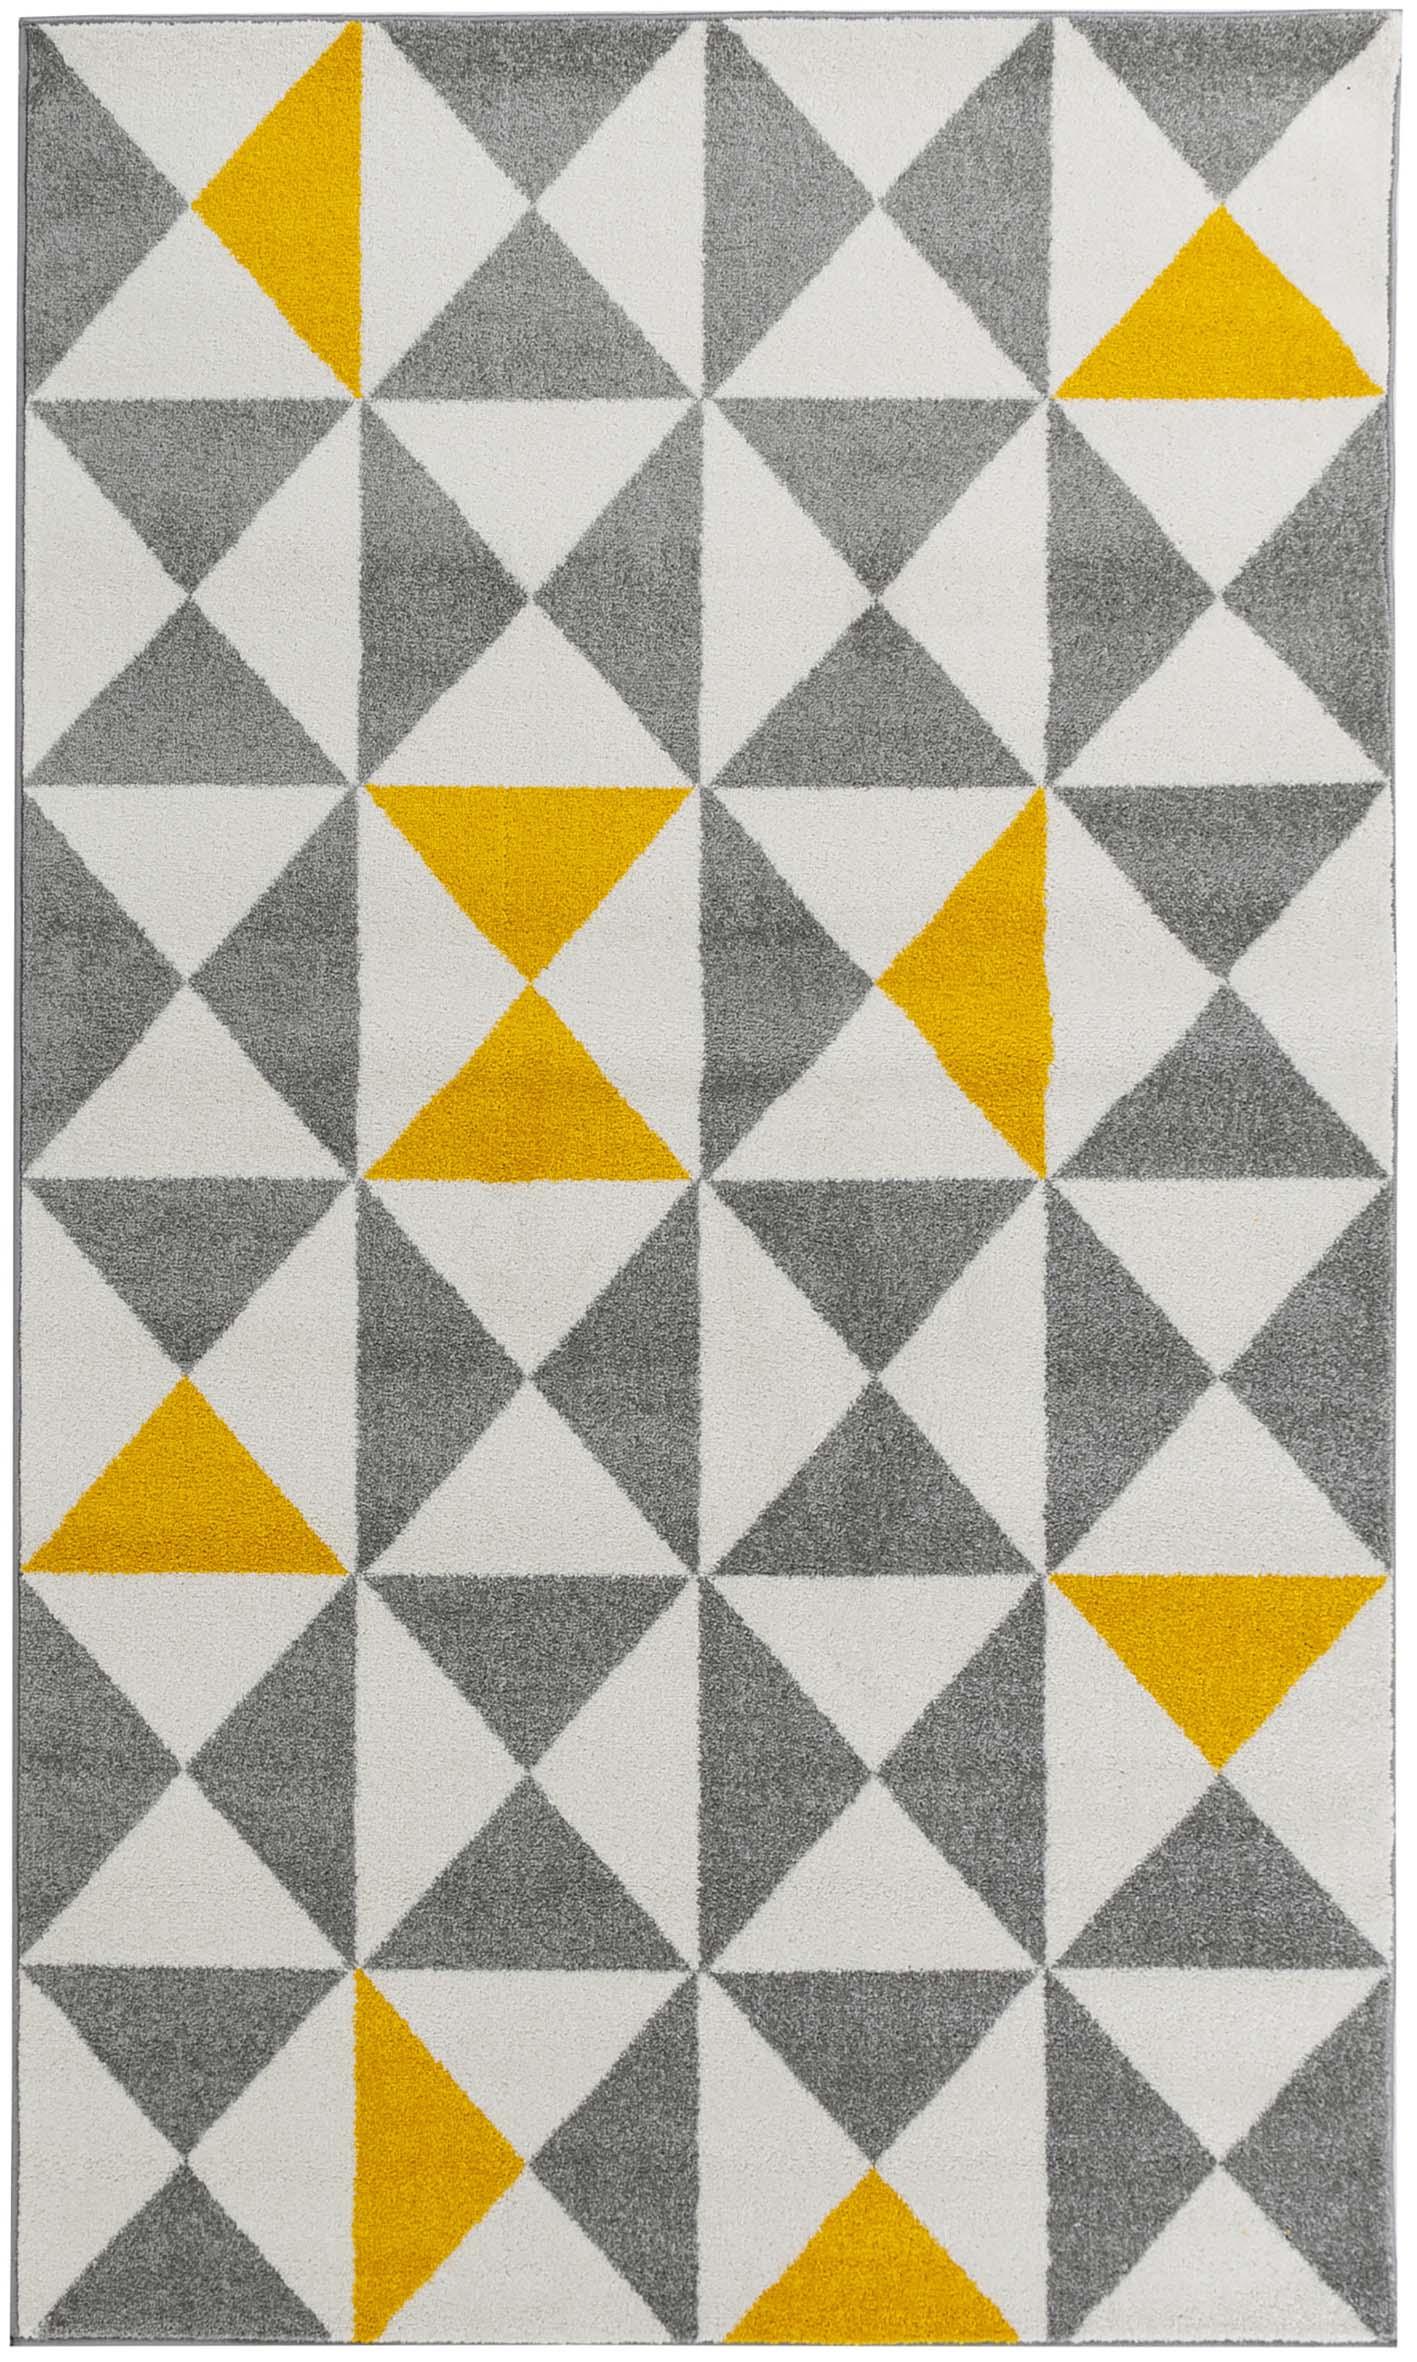 FORSA - Tapis géométrique jaune 160x230cm